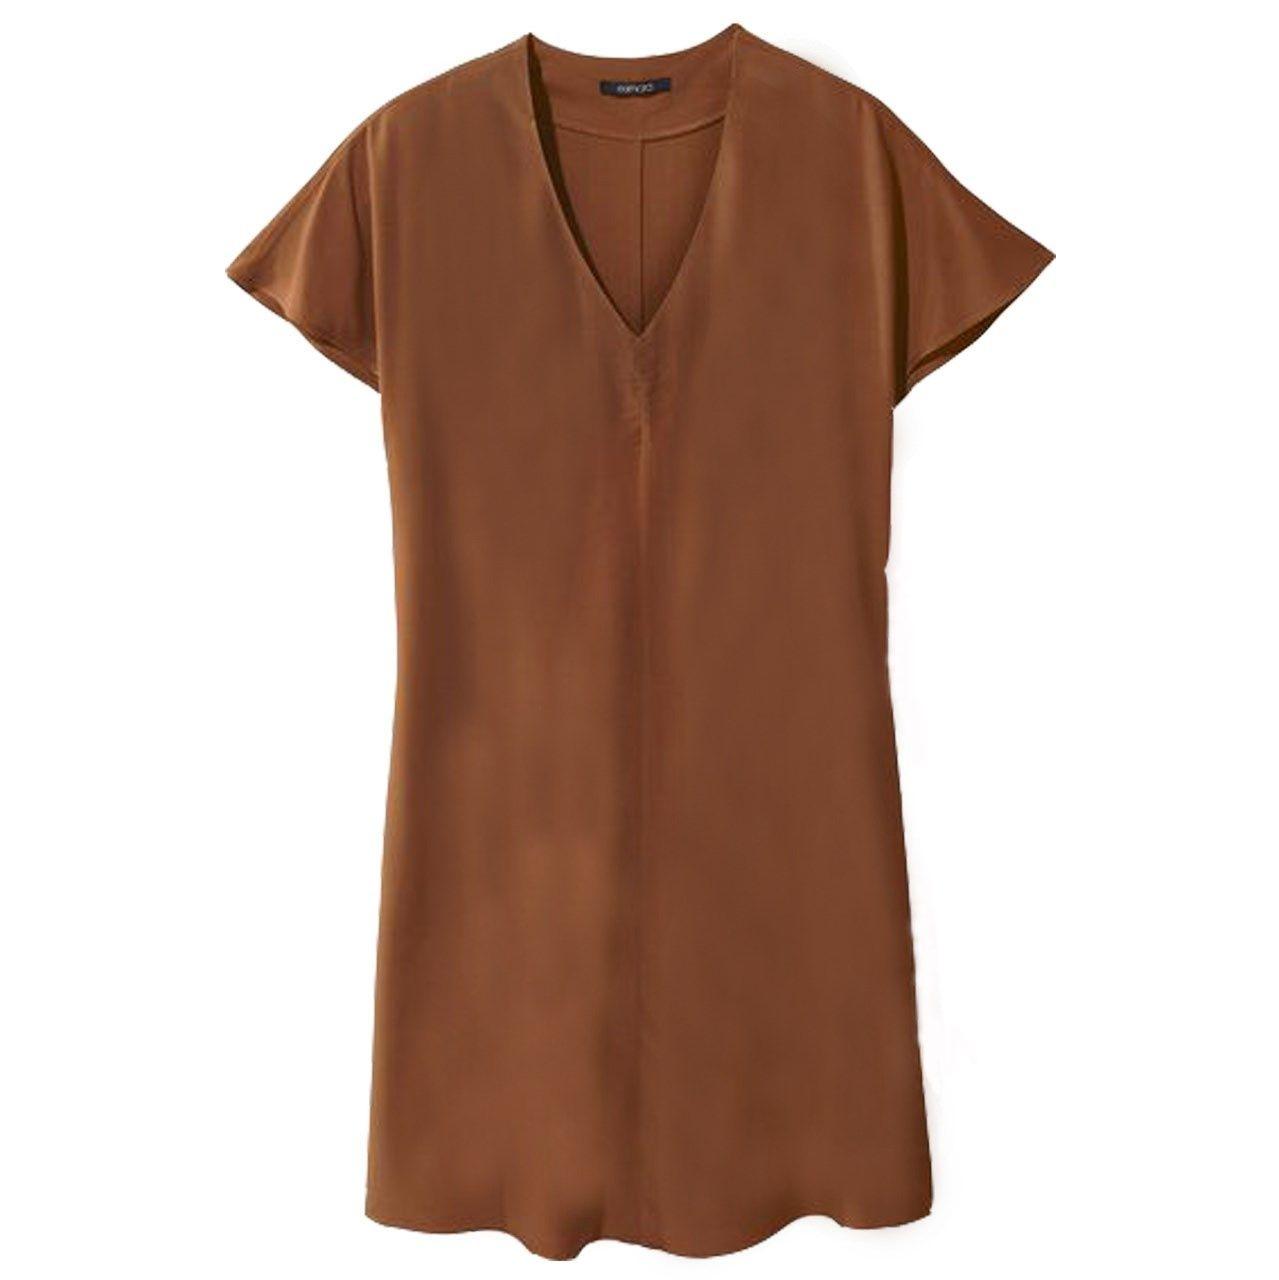 پیراهن زنانه اسمارامدل Esm 56 -  - 2